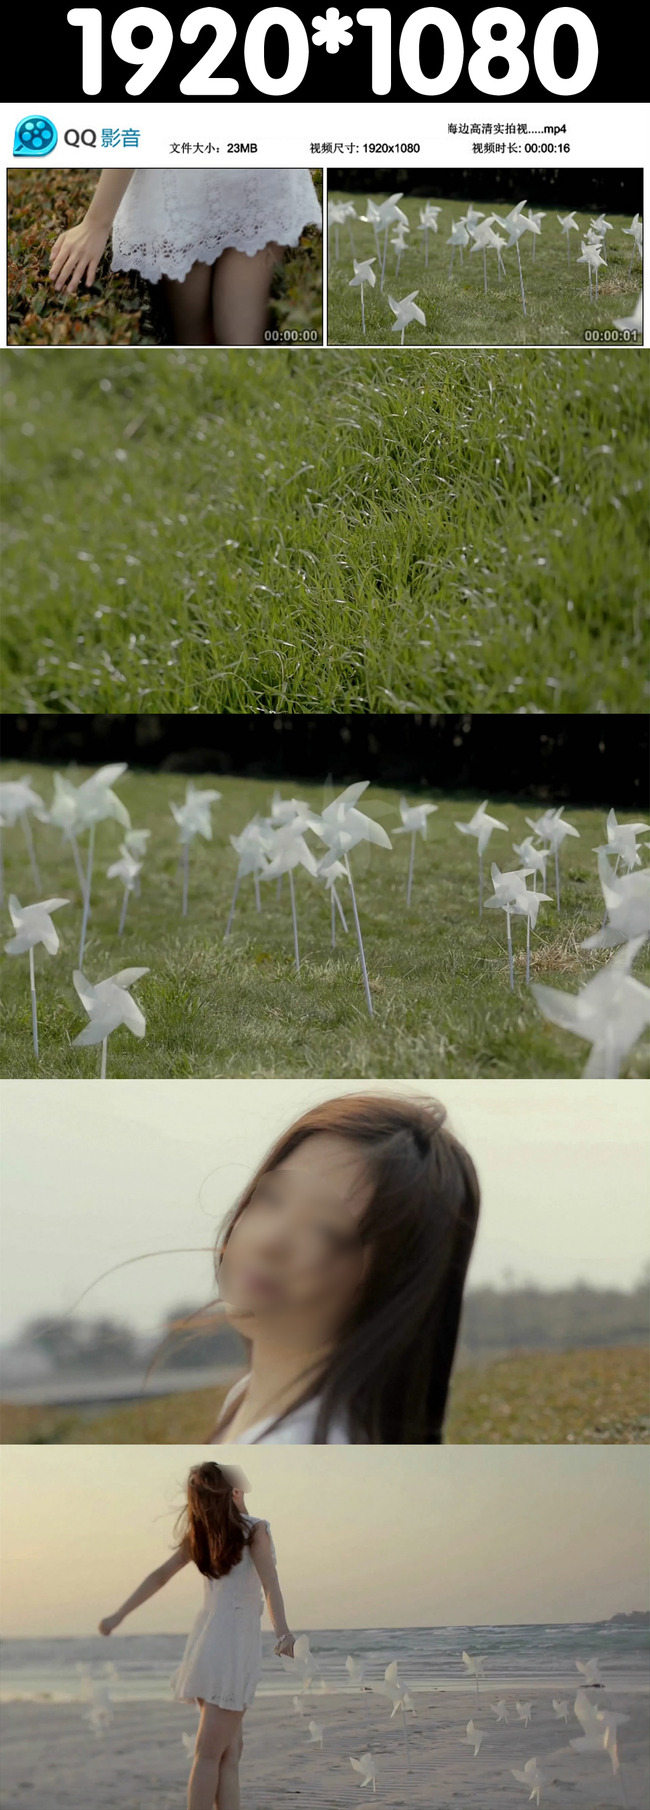 草地美女高清实拍视频素材模板下载图片编号: